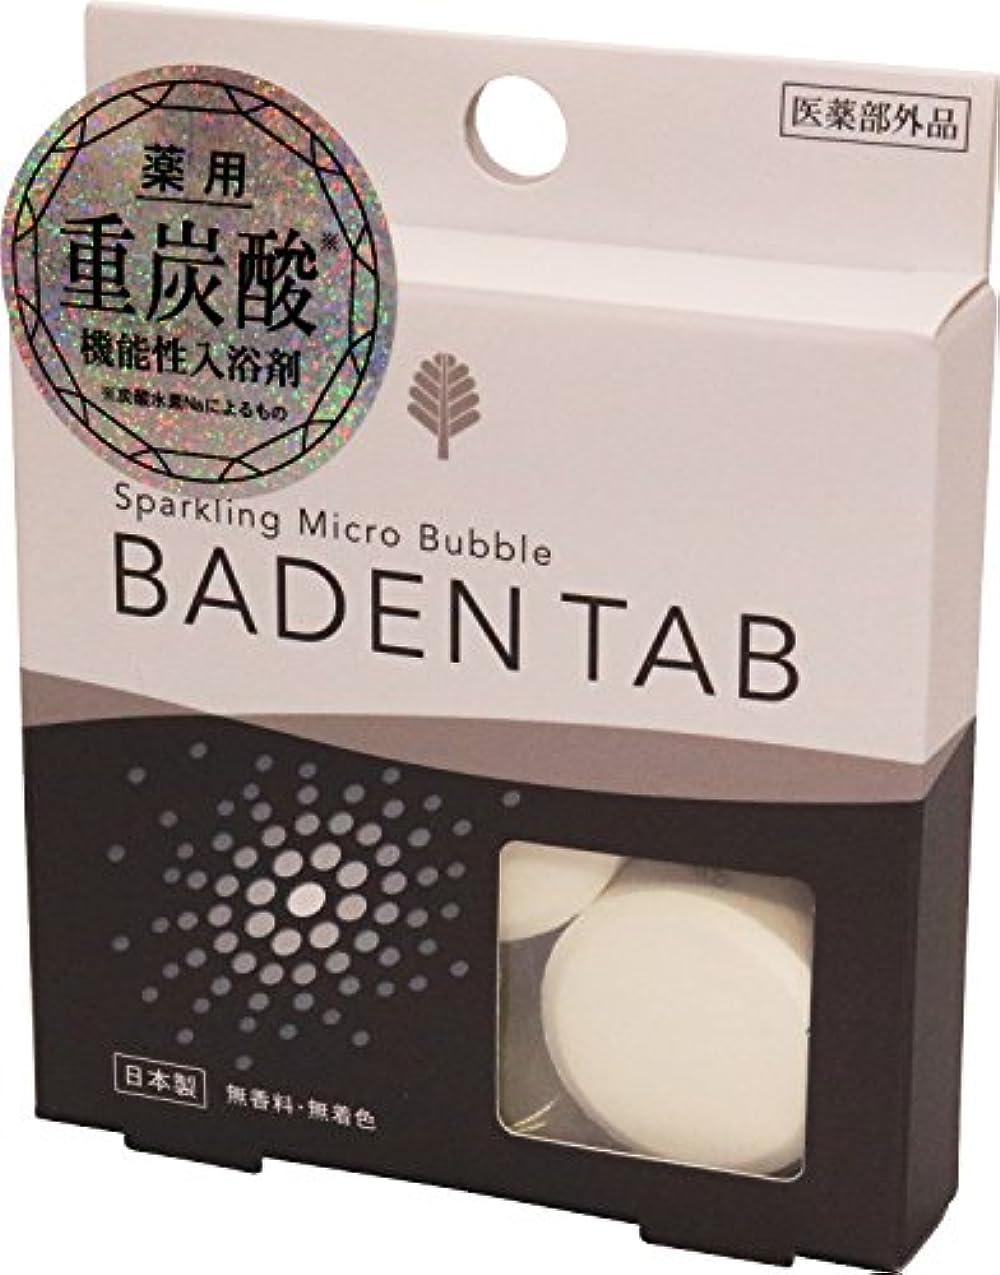 航空便立場検索紀陽除虫菊 薬用 重炭酸 機能性入浴剤 バーデンタブ 5錠